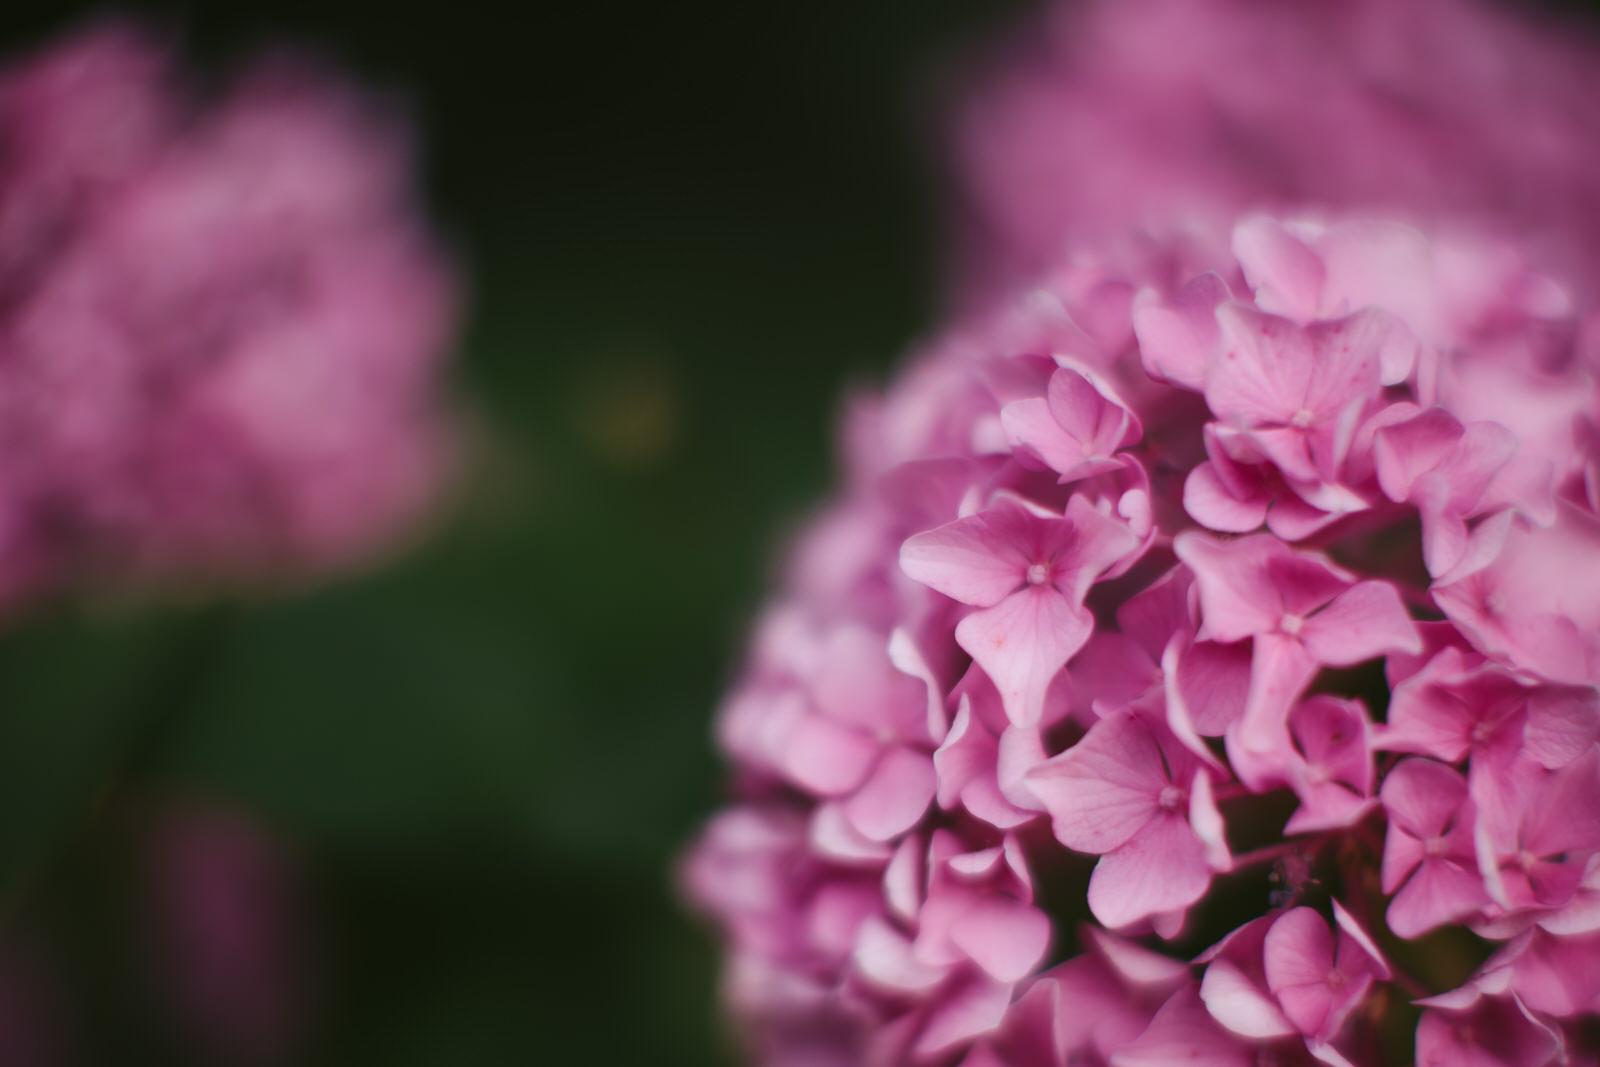 nashville-hydrangea-centennial-park-tiny-house-photo-nature.jpg